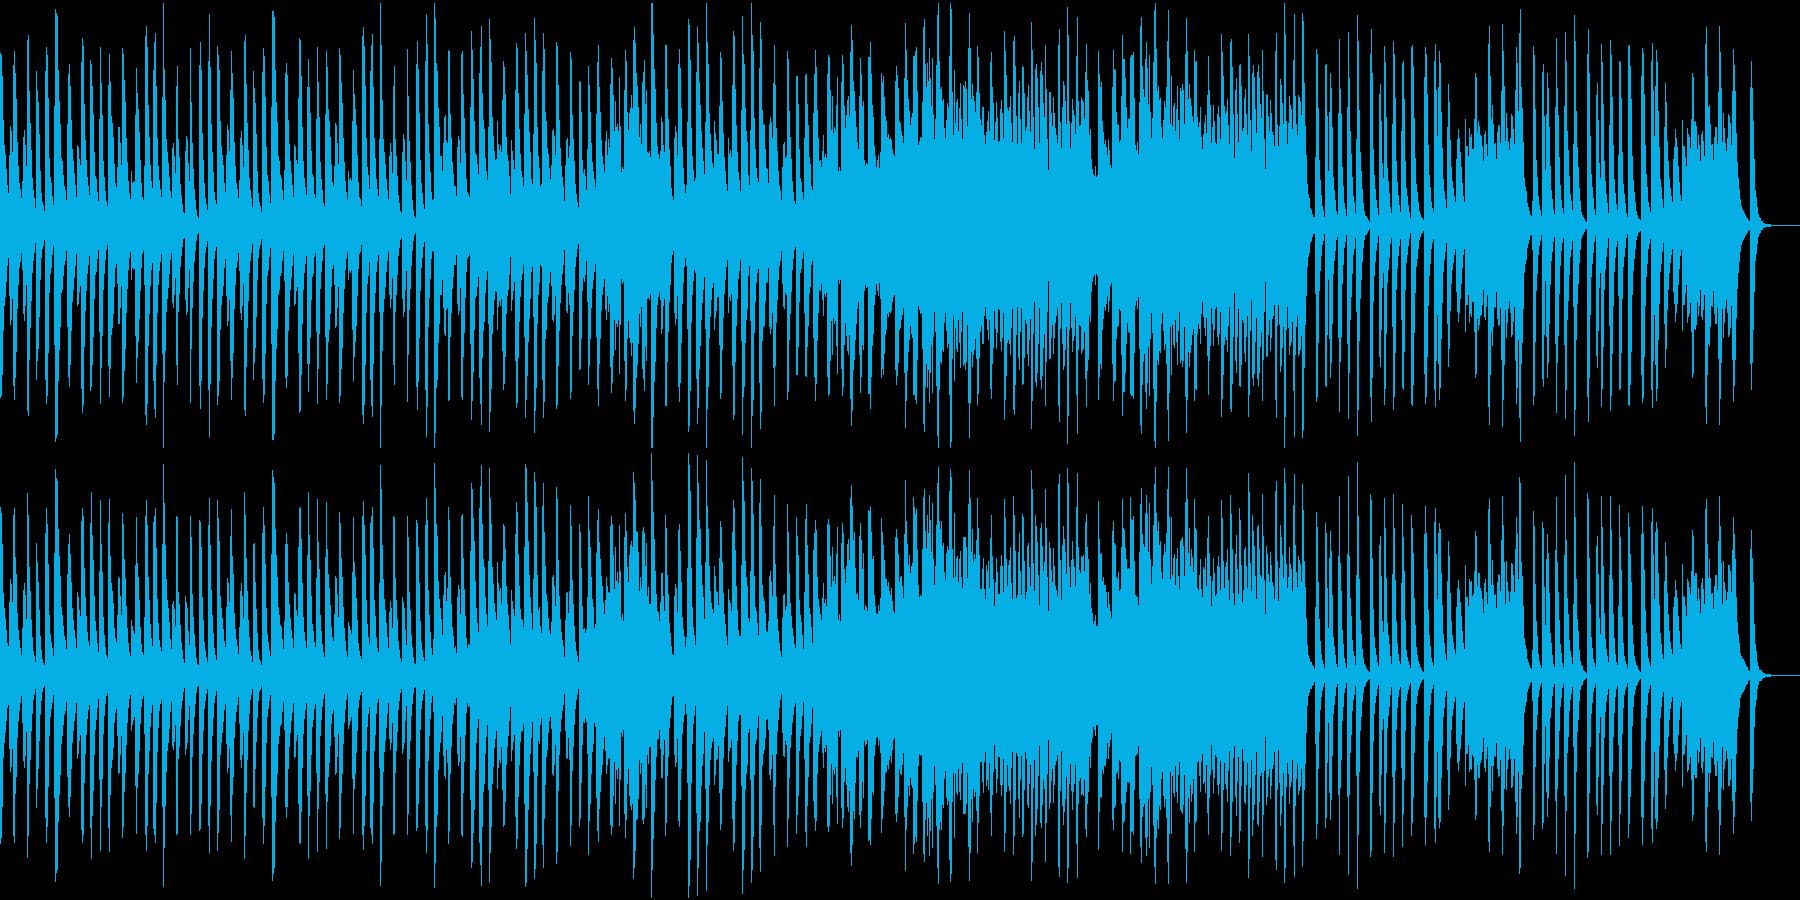 シンプルな木琴の曲の再生済みの波形